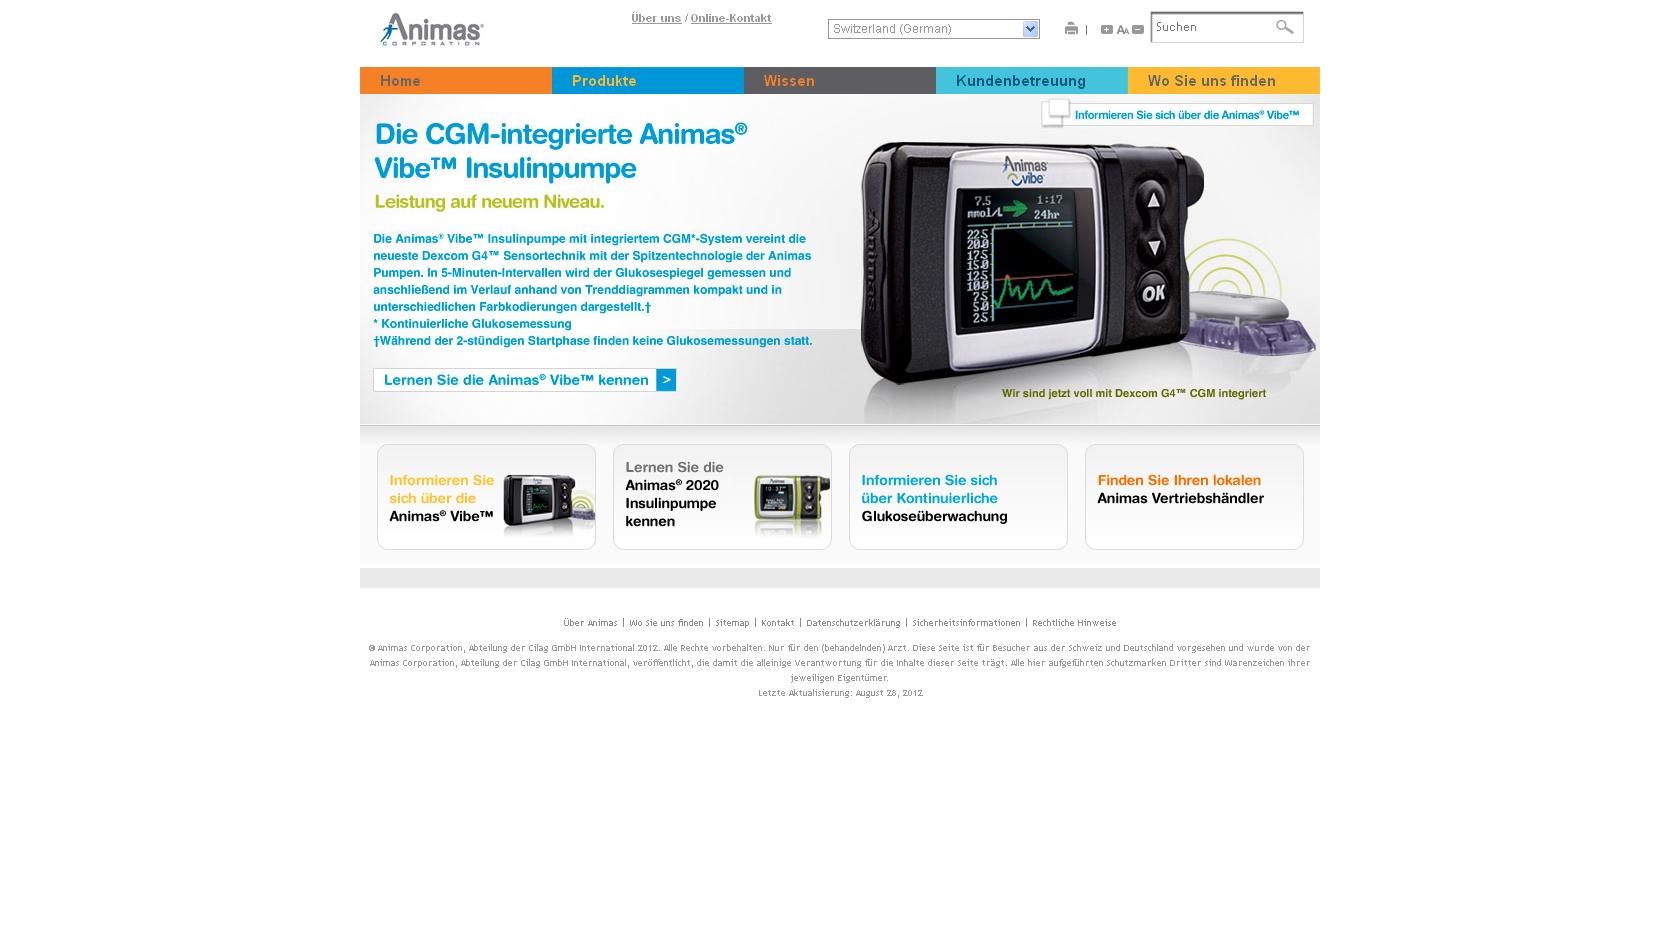 Animas 174 Insulinpumpen Jetzt Online Gesundheit Adhoc